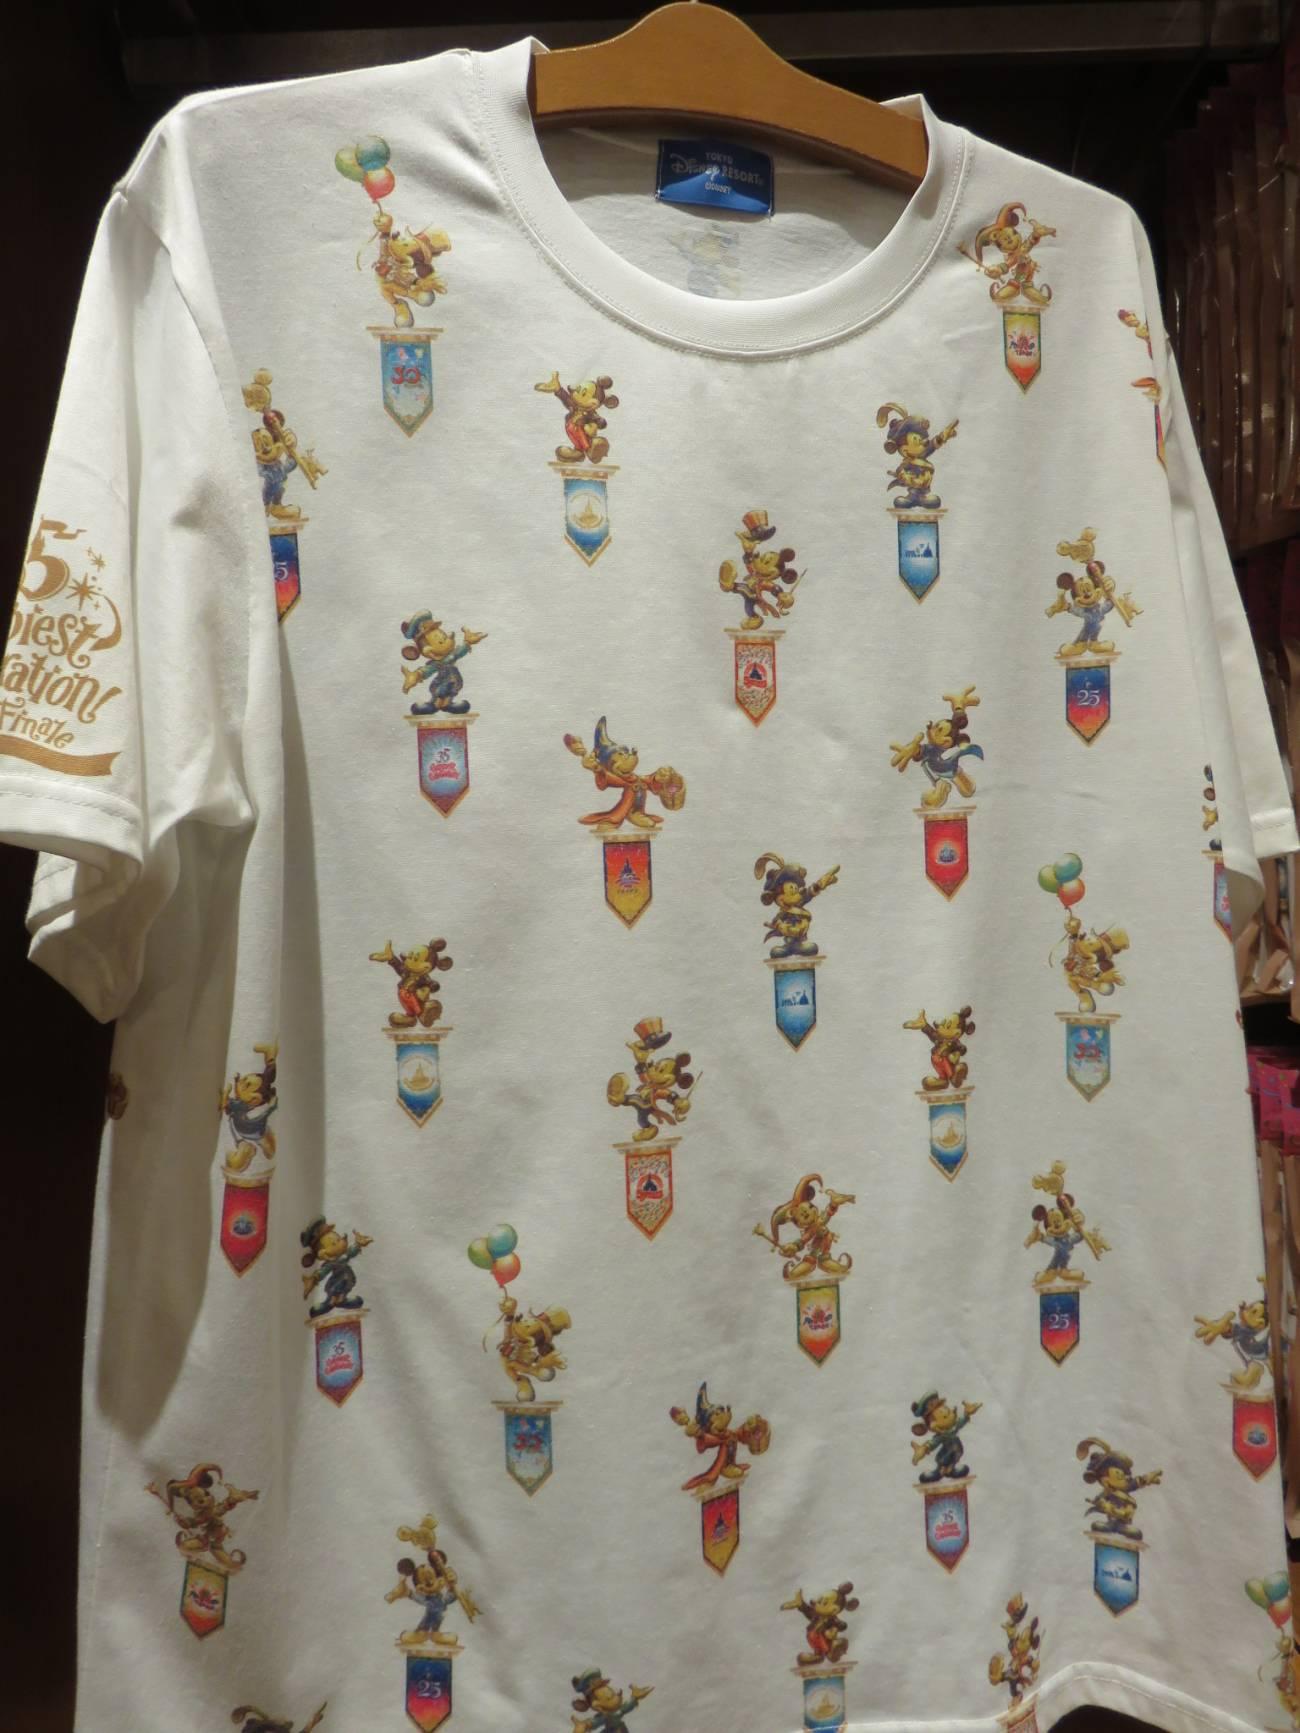 35周年グランドフィナーレグッズのTシャツ